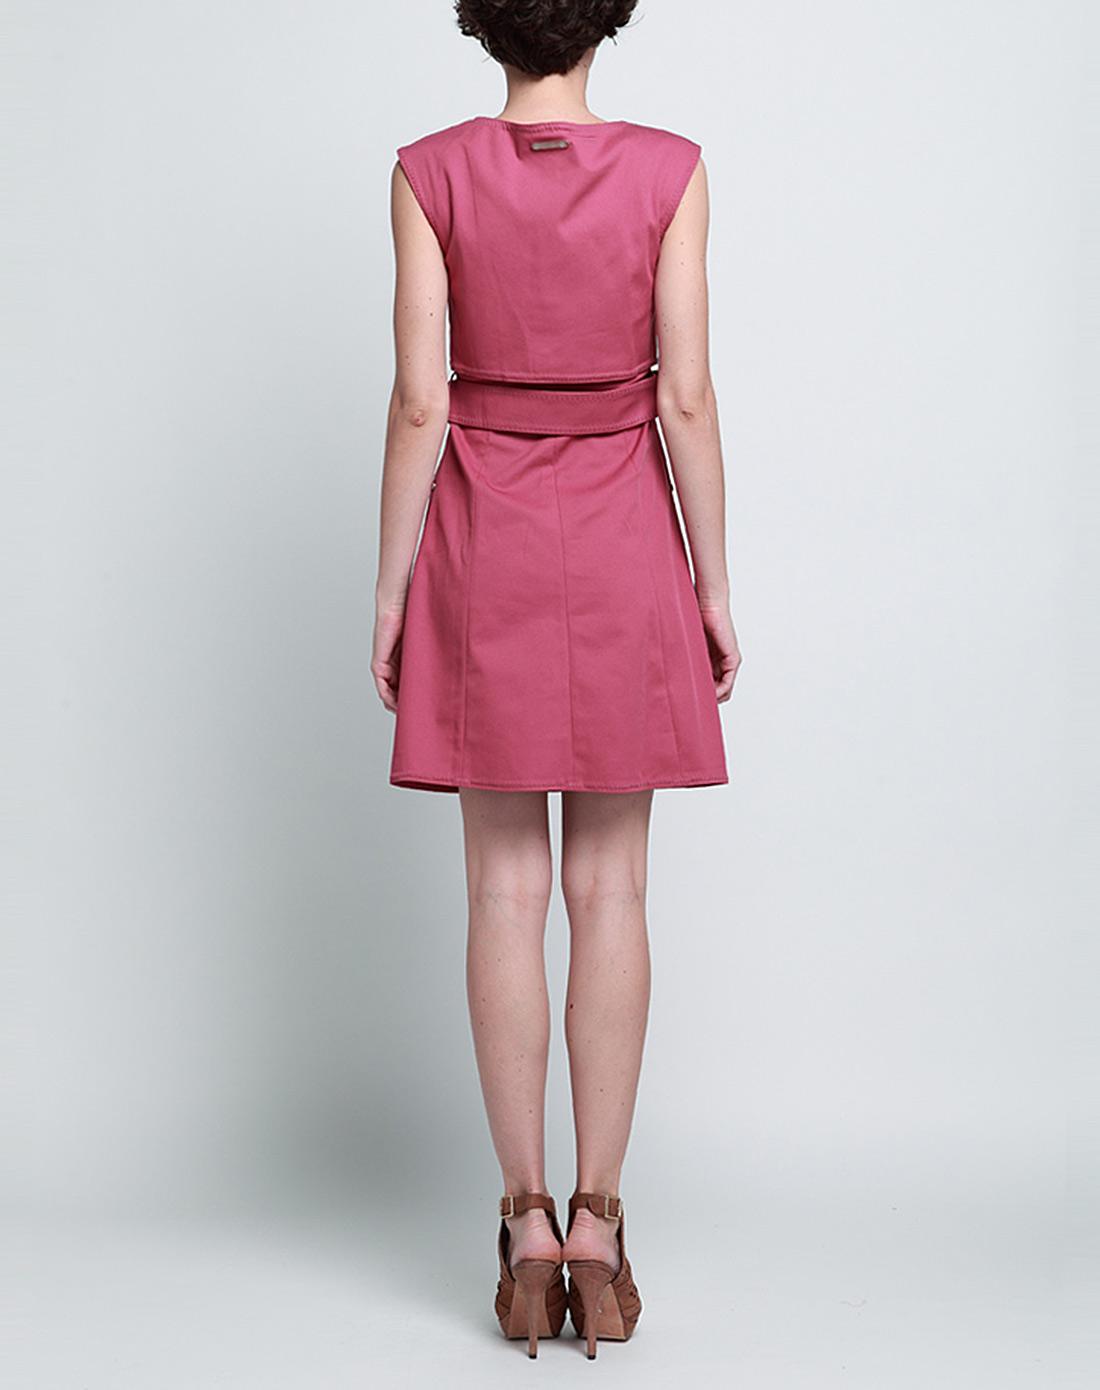 衣物服创意设计手绘图